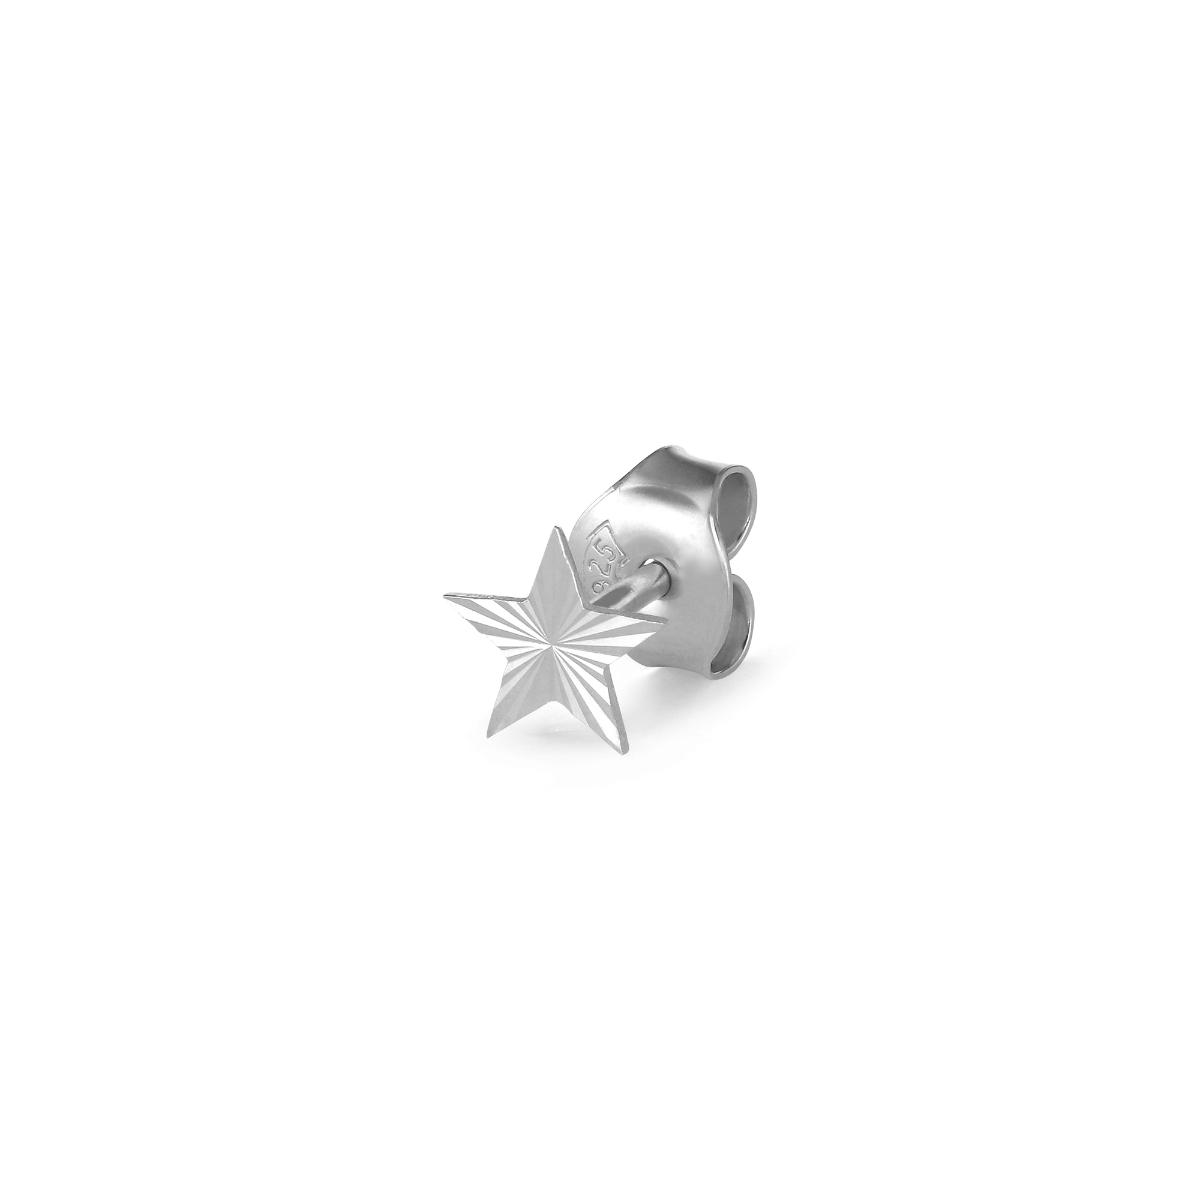 Jane Kønig Reflection Stud Star ørering, sølv